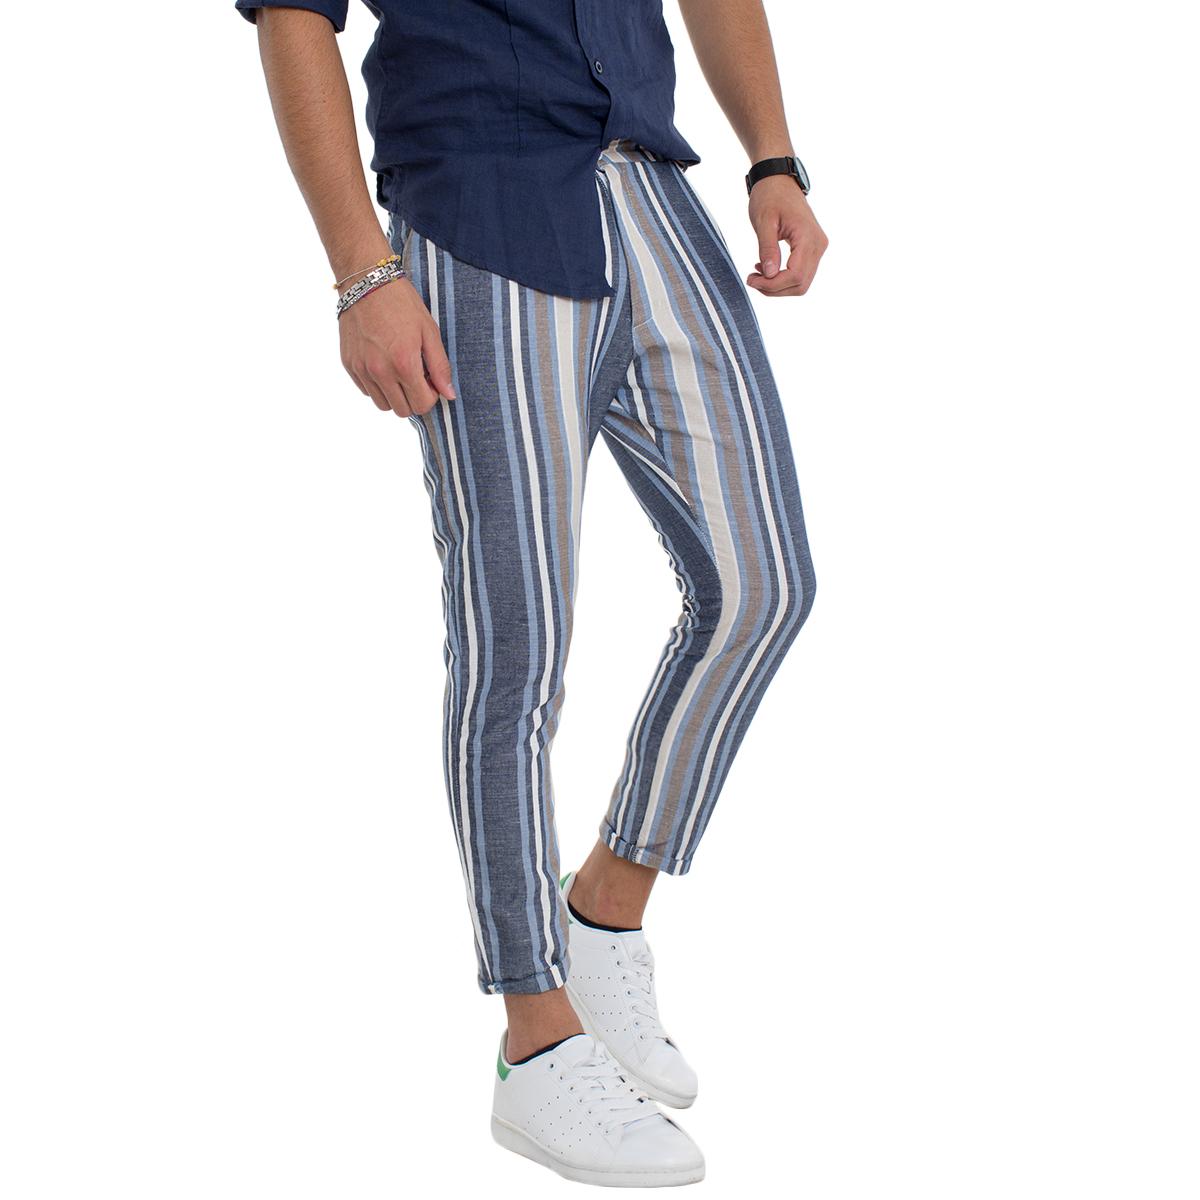 Pantalone-Uomo-A-Righe-Blu-Lino-Rigato-Casual-Slim-Tasca-America-Vari-Colori